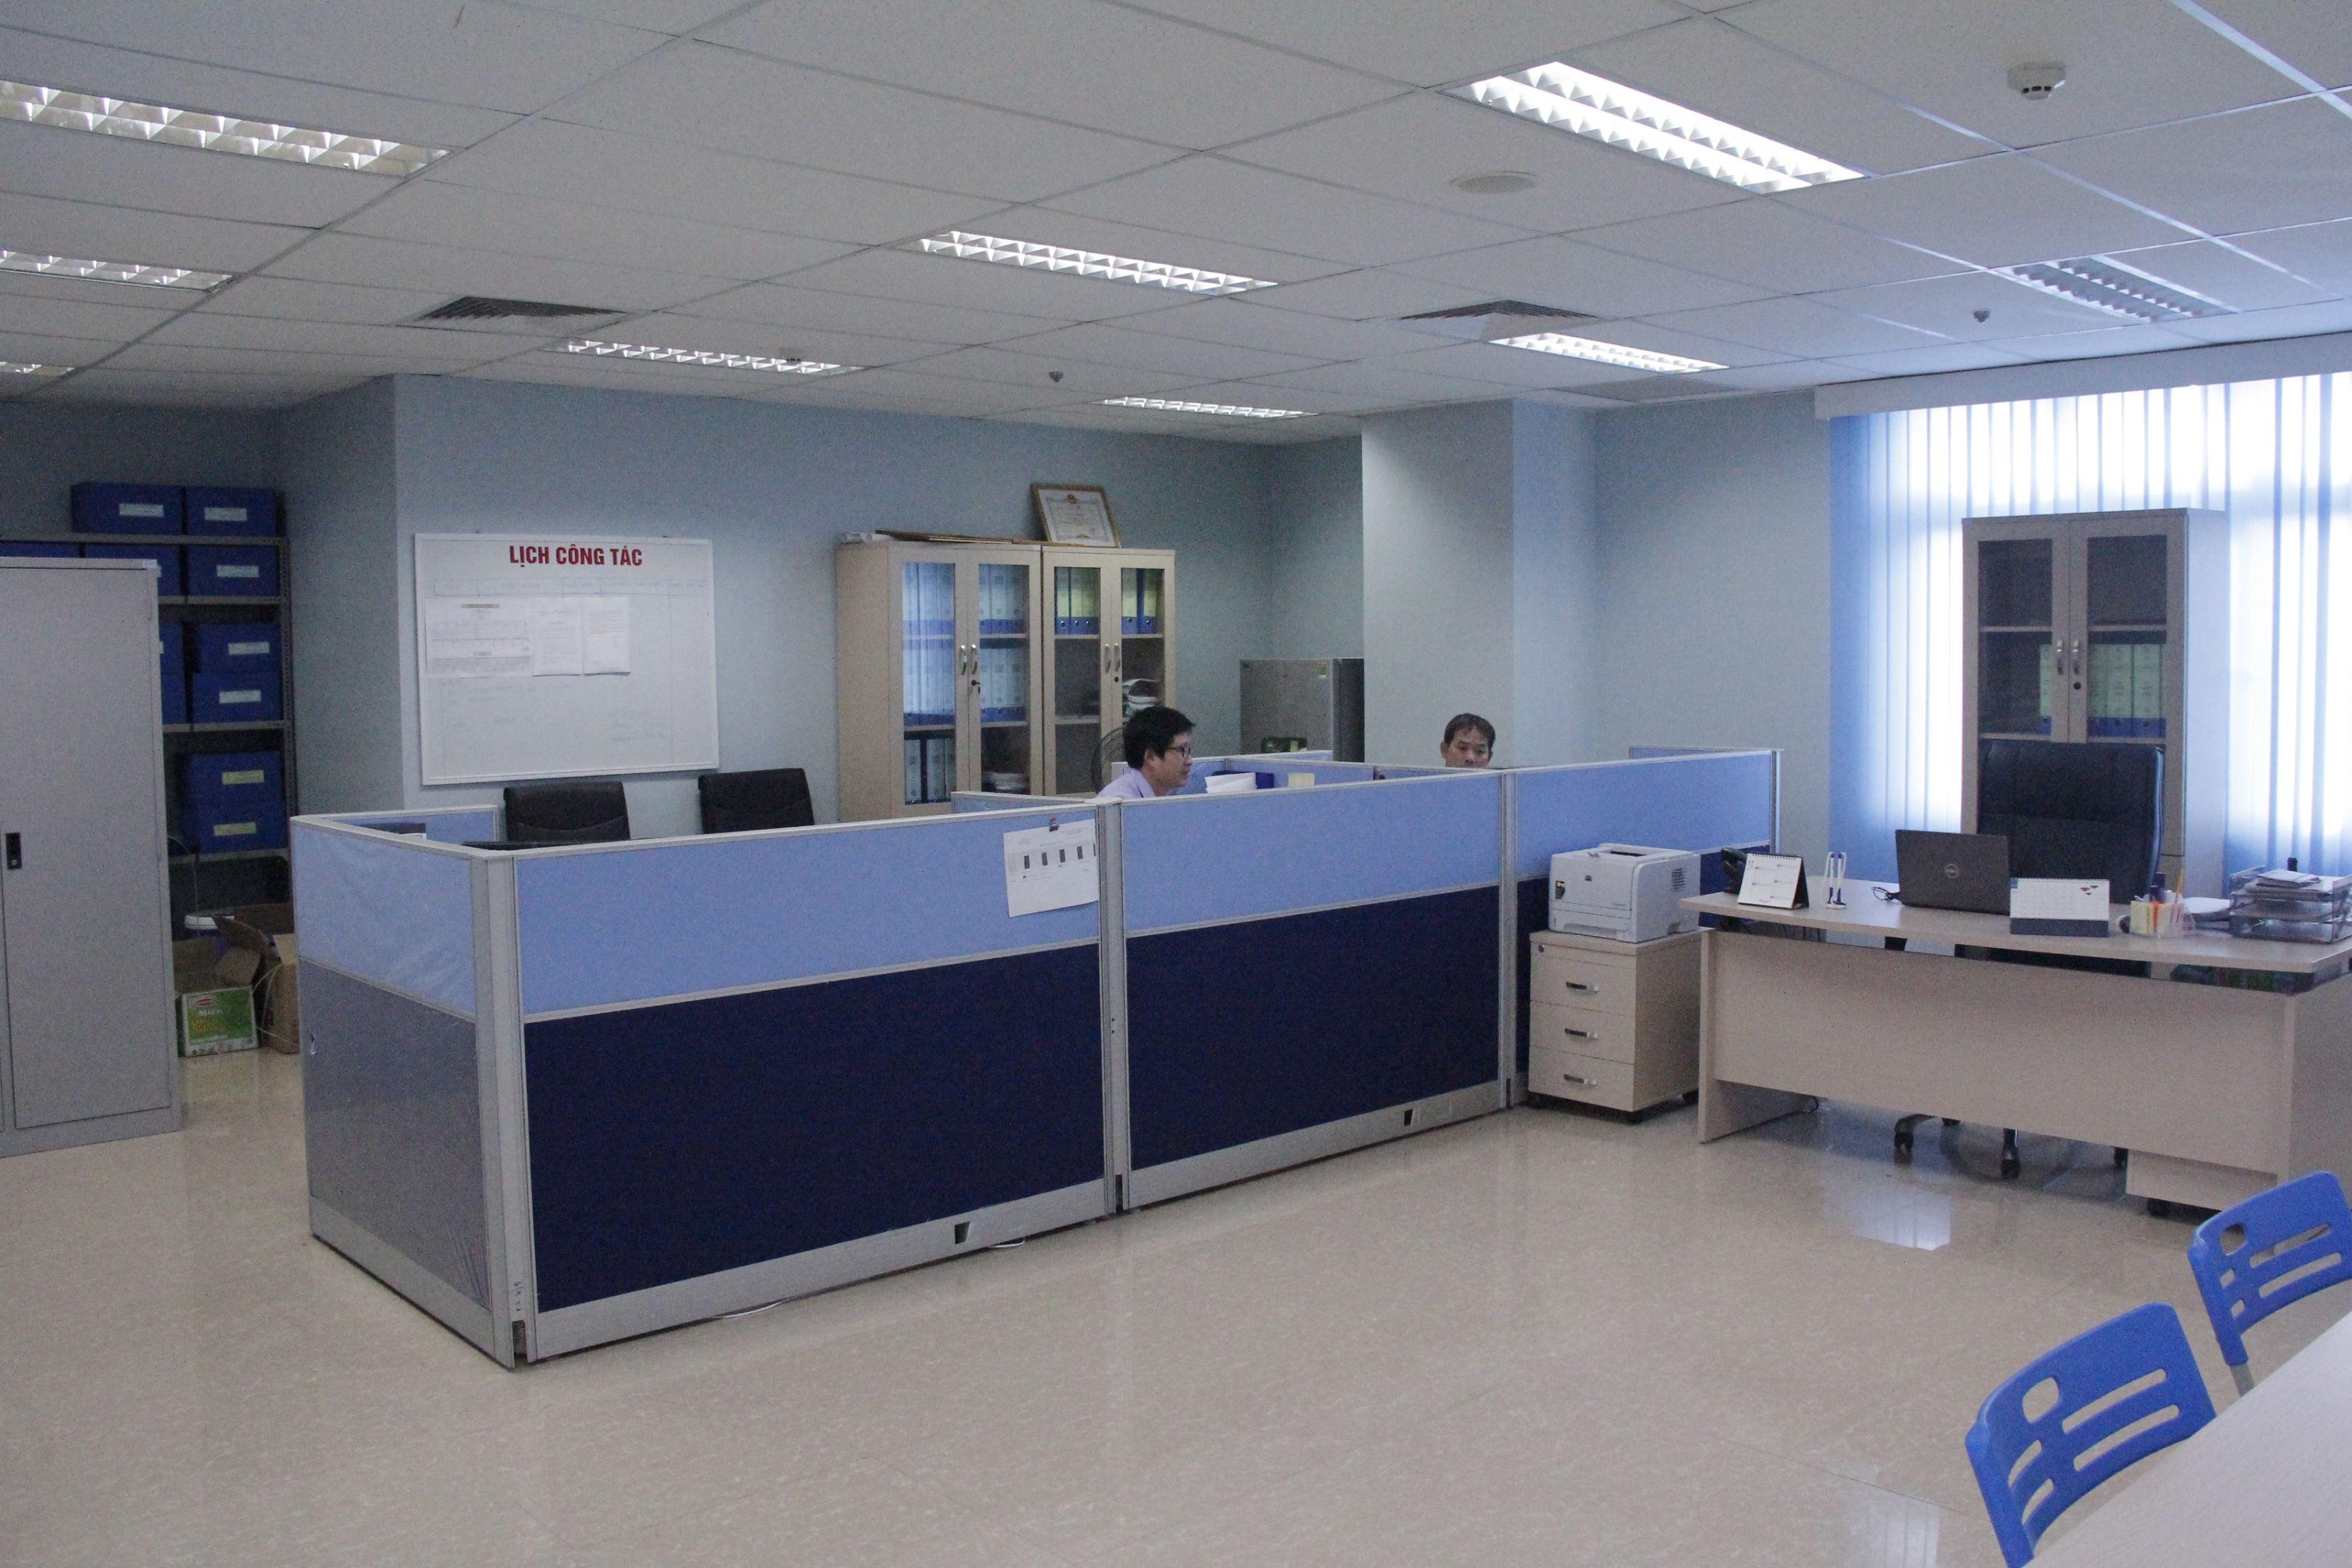 Năng suất chất lượng: Áp dụng 5S tại Công ty Nhiệt điện Nghi Sơn 1